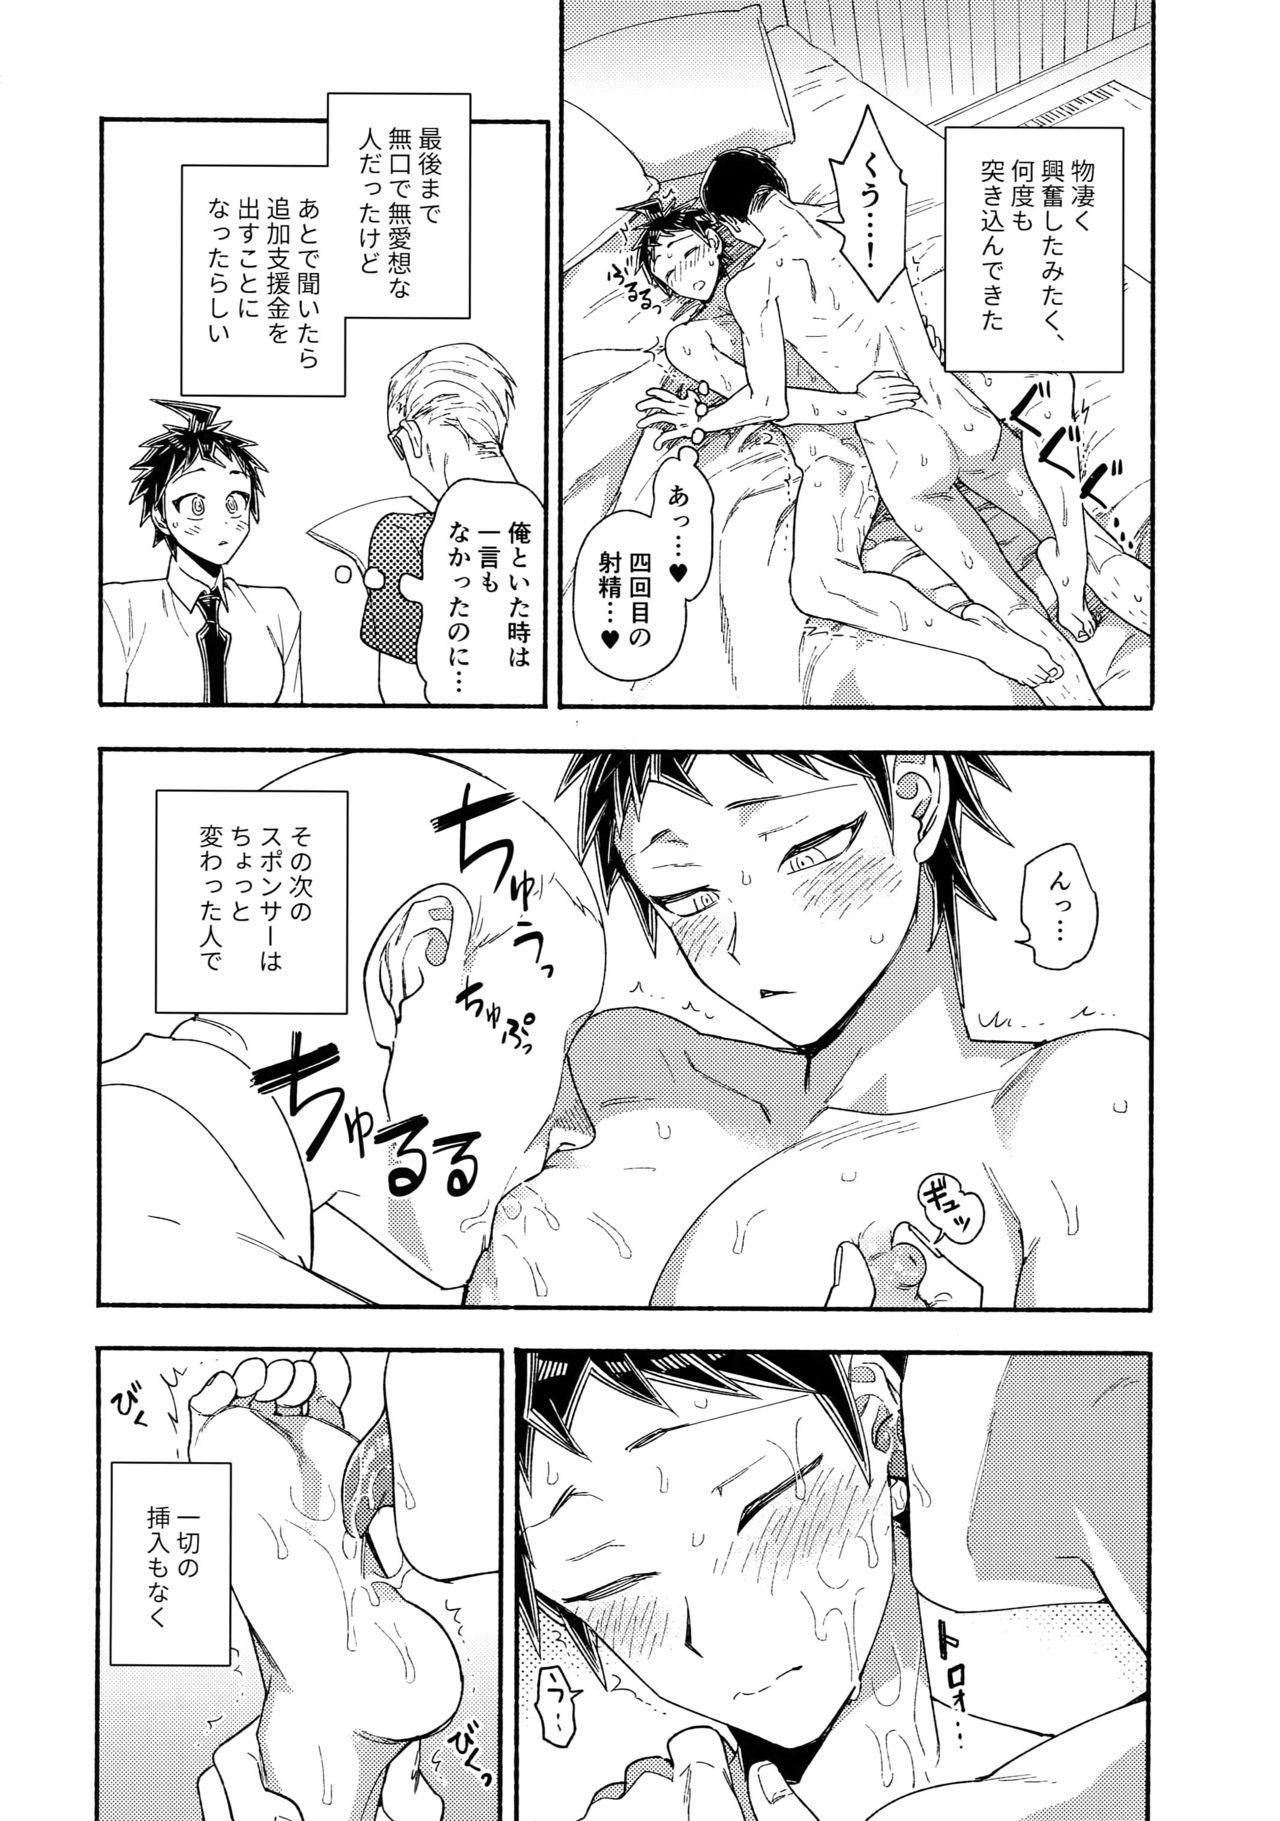 Aisareru Yobi Gakka 18